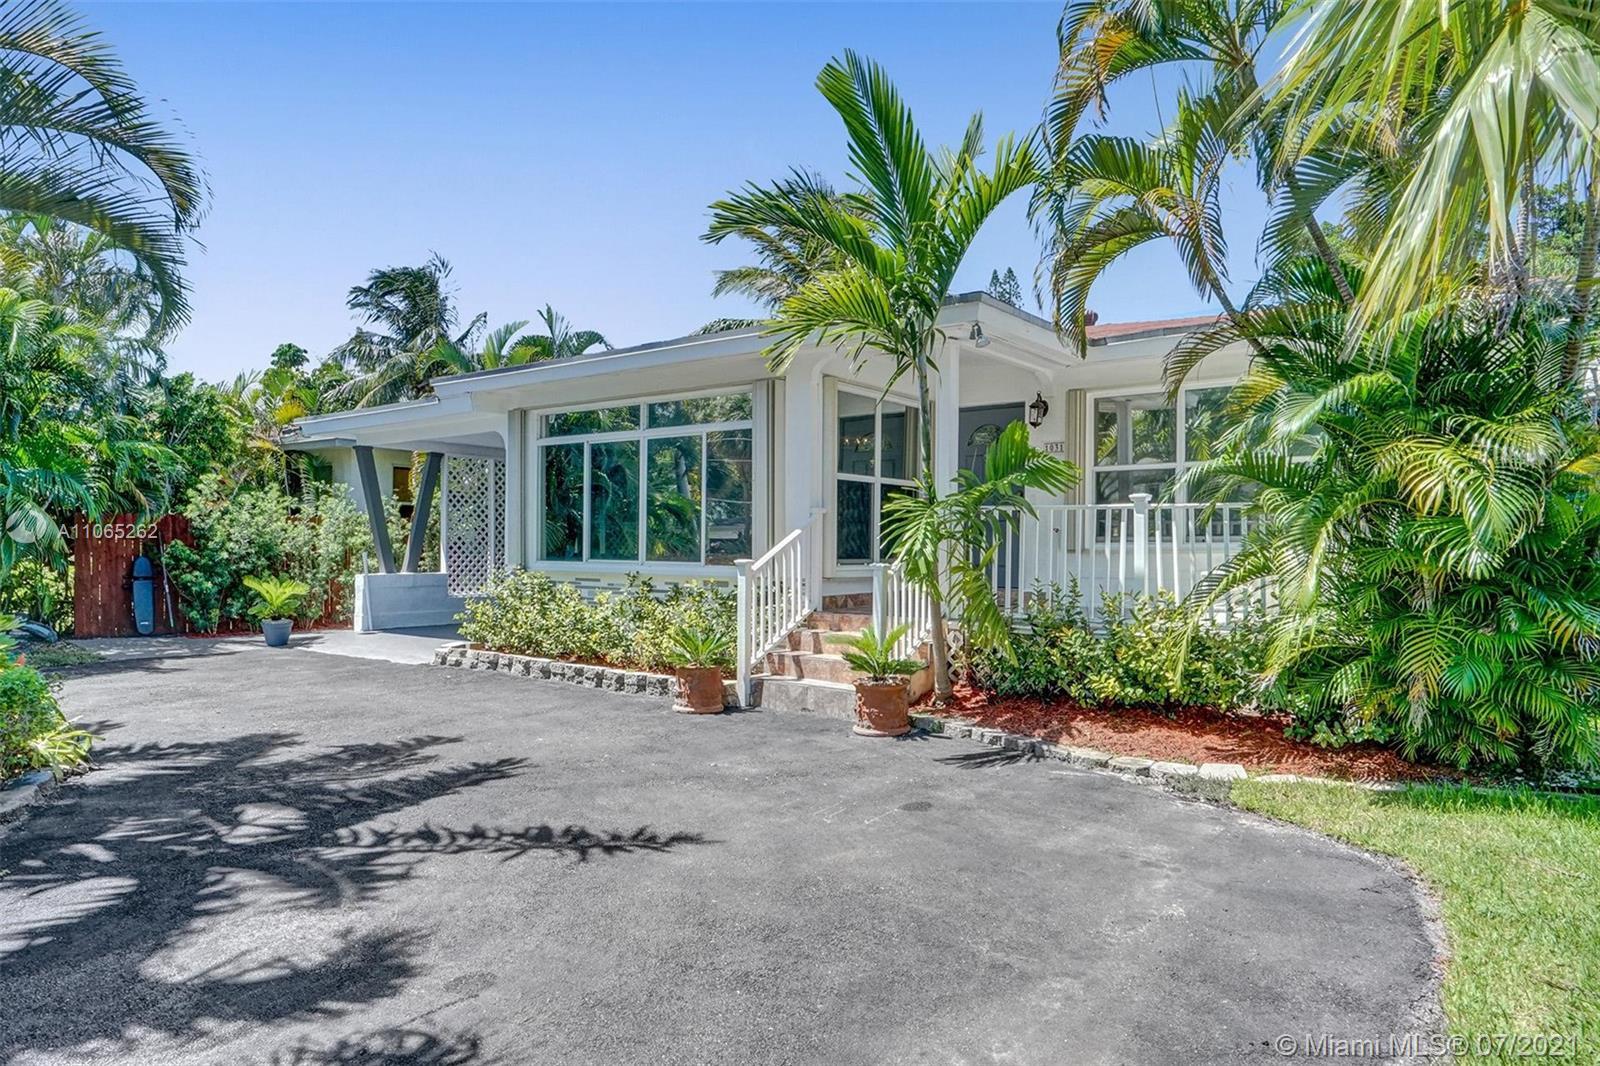 Shore Crest - 1031 NE Little River Dr, Miami, FL 33138